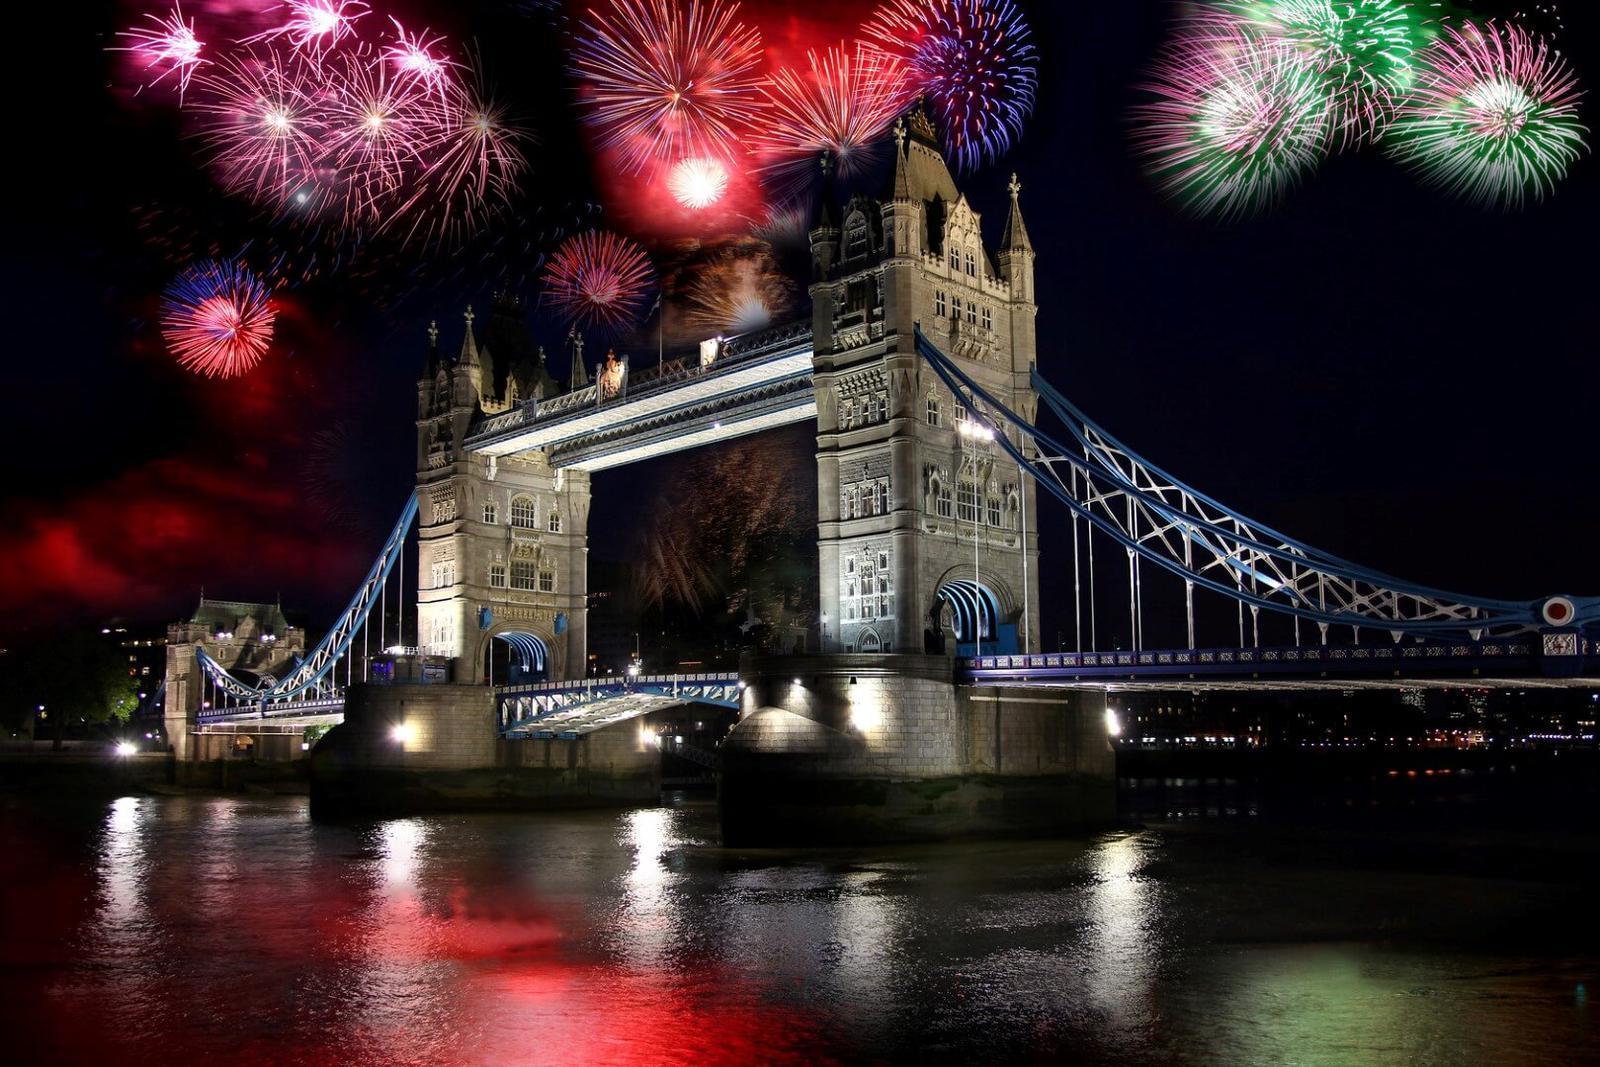 tradiciones navideñas en europa Londres